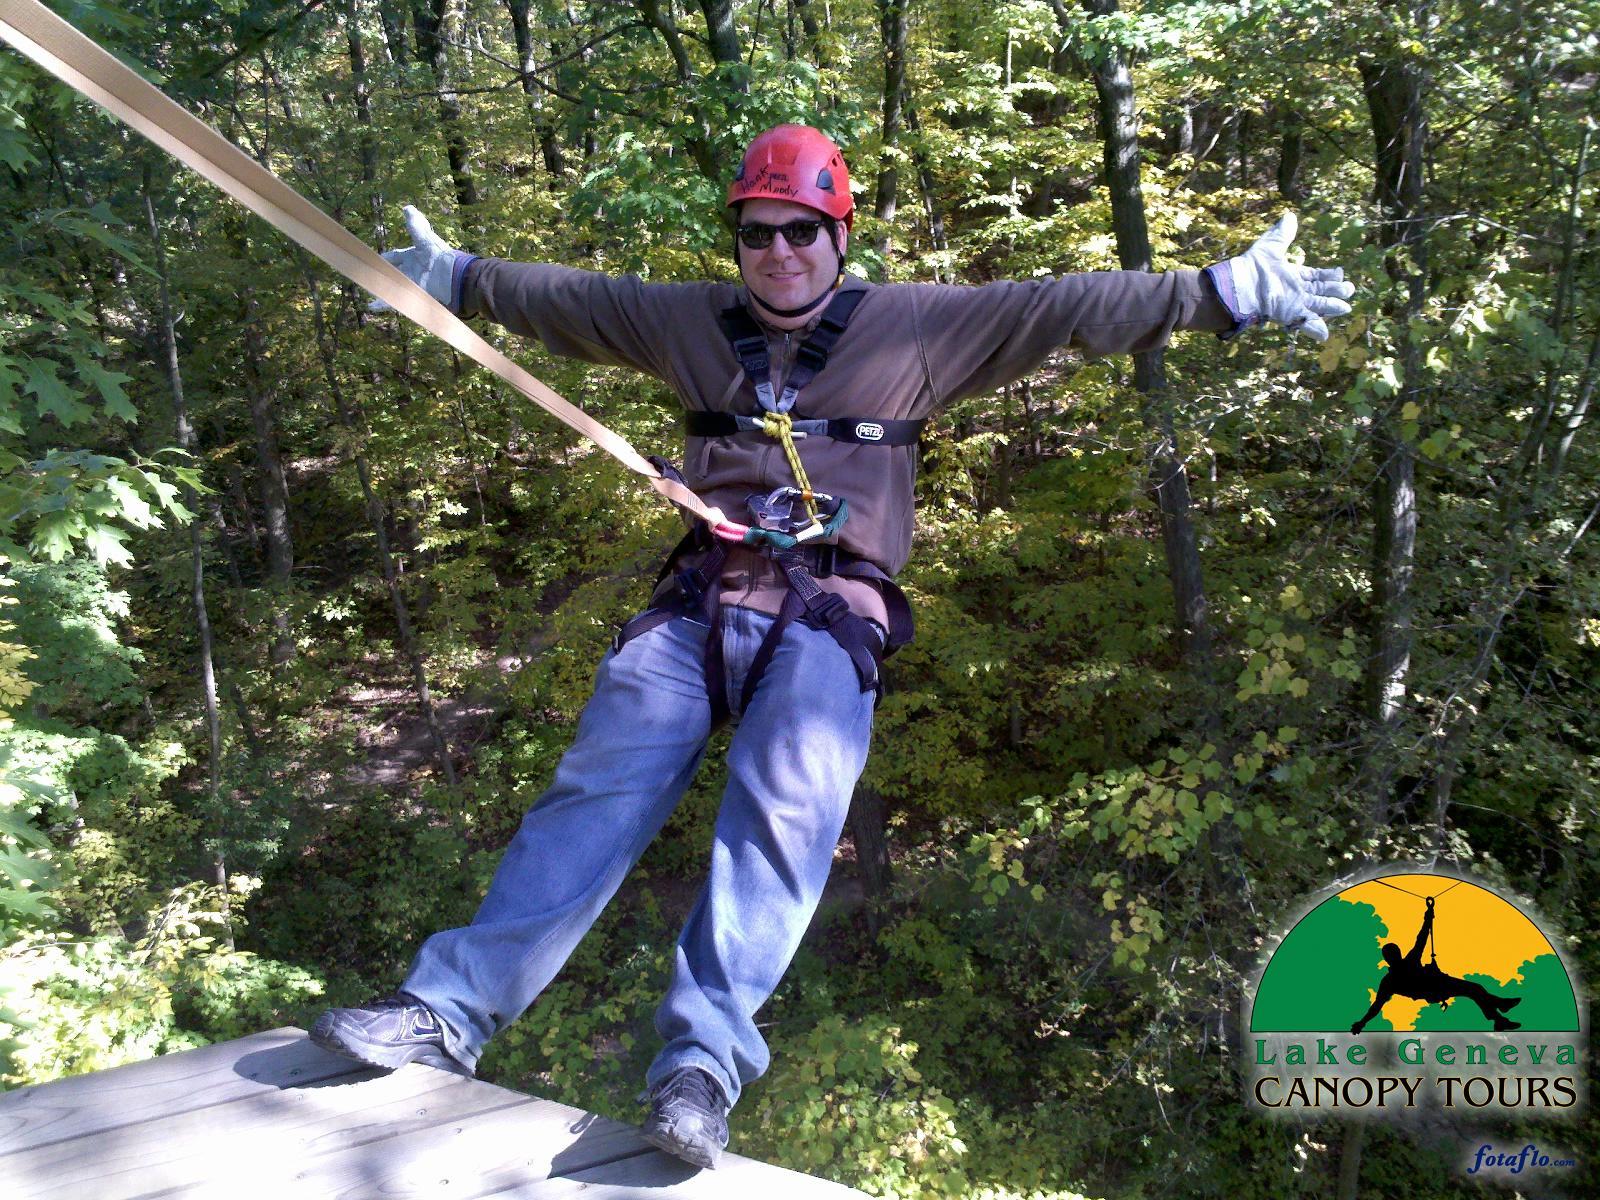 Hanging At Lake Geneva Canopy Tours